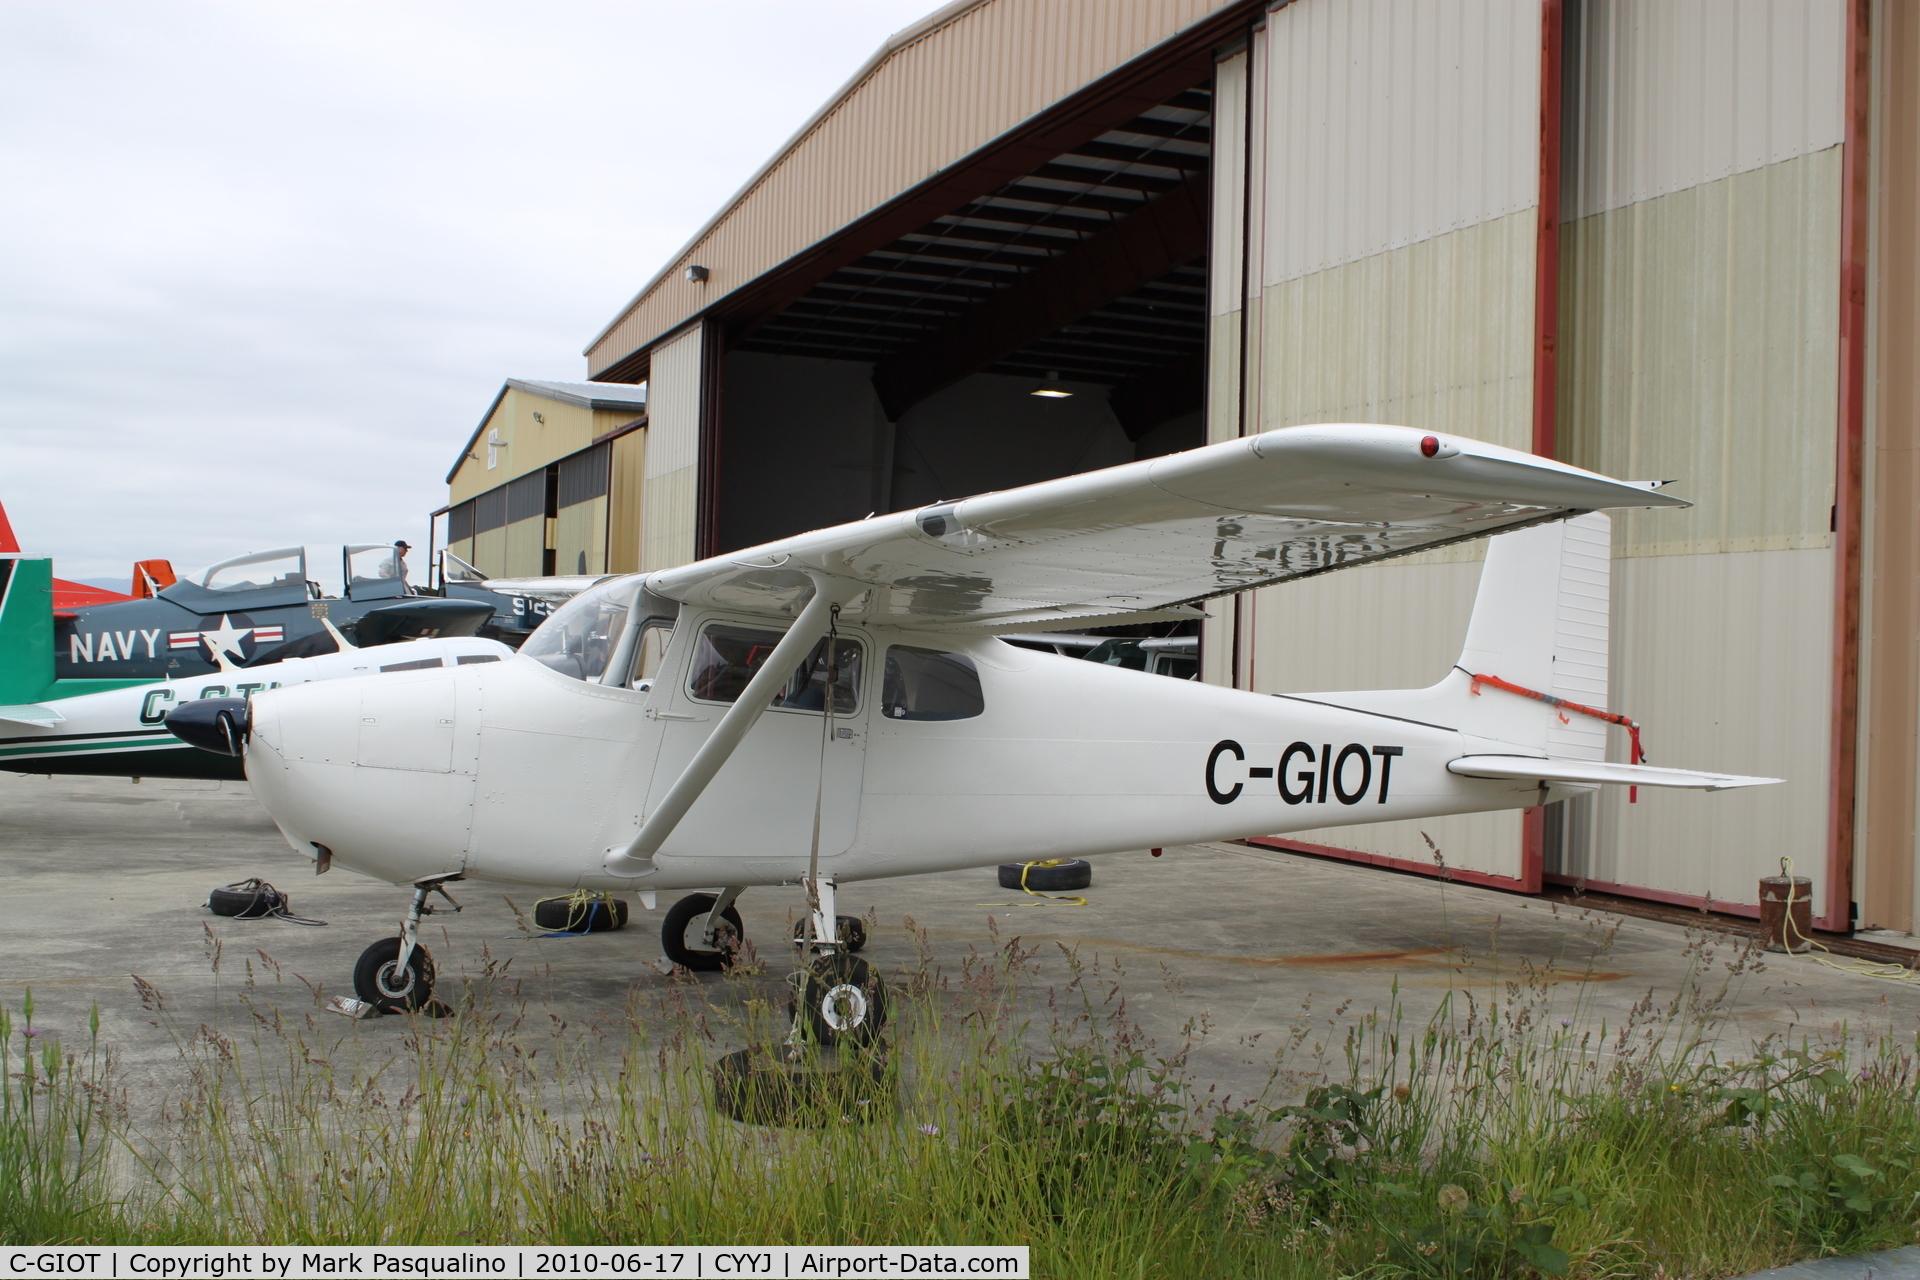 C-GIOT, 1959 Cessna 172 Skyhawk C/N 46016, Cessna 172